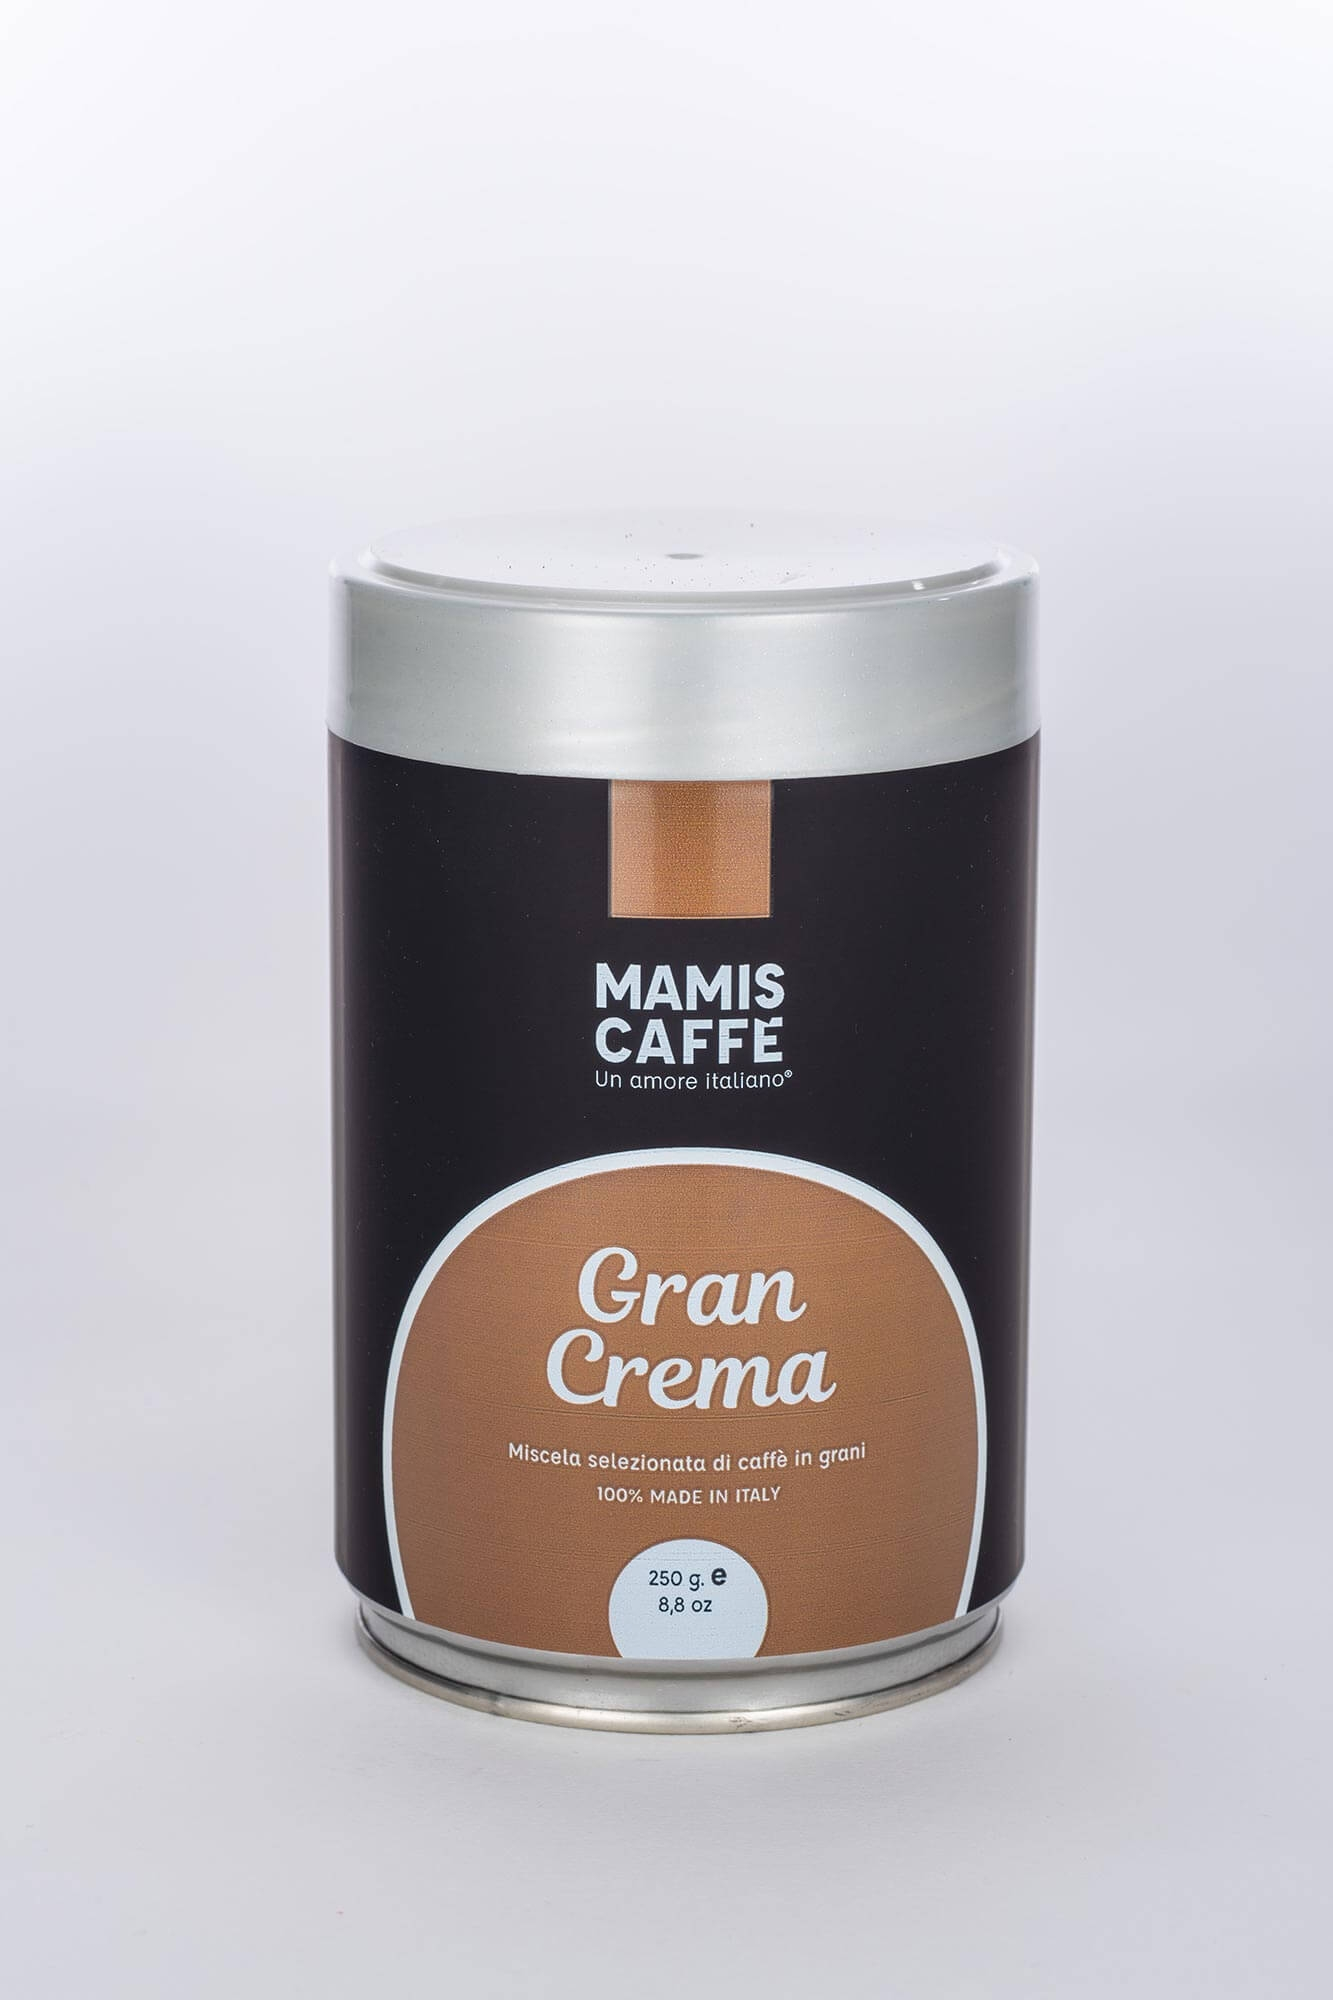 mamis caffe gran crema 250g dose online kaufen roastmarket. Black Bedroom Furniture Sets. Home Design Ideas